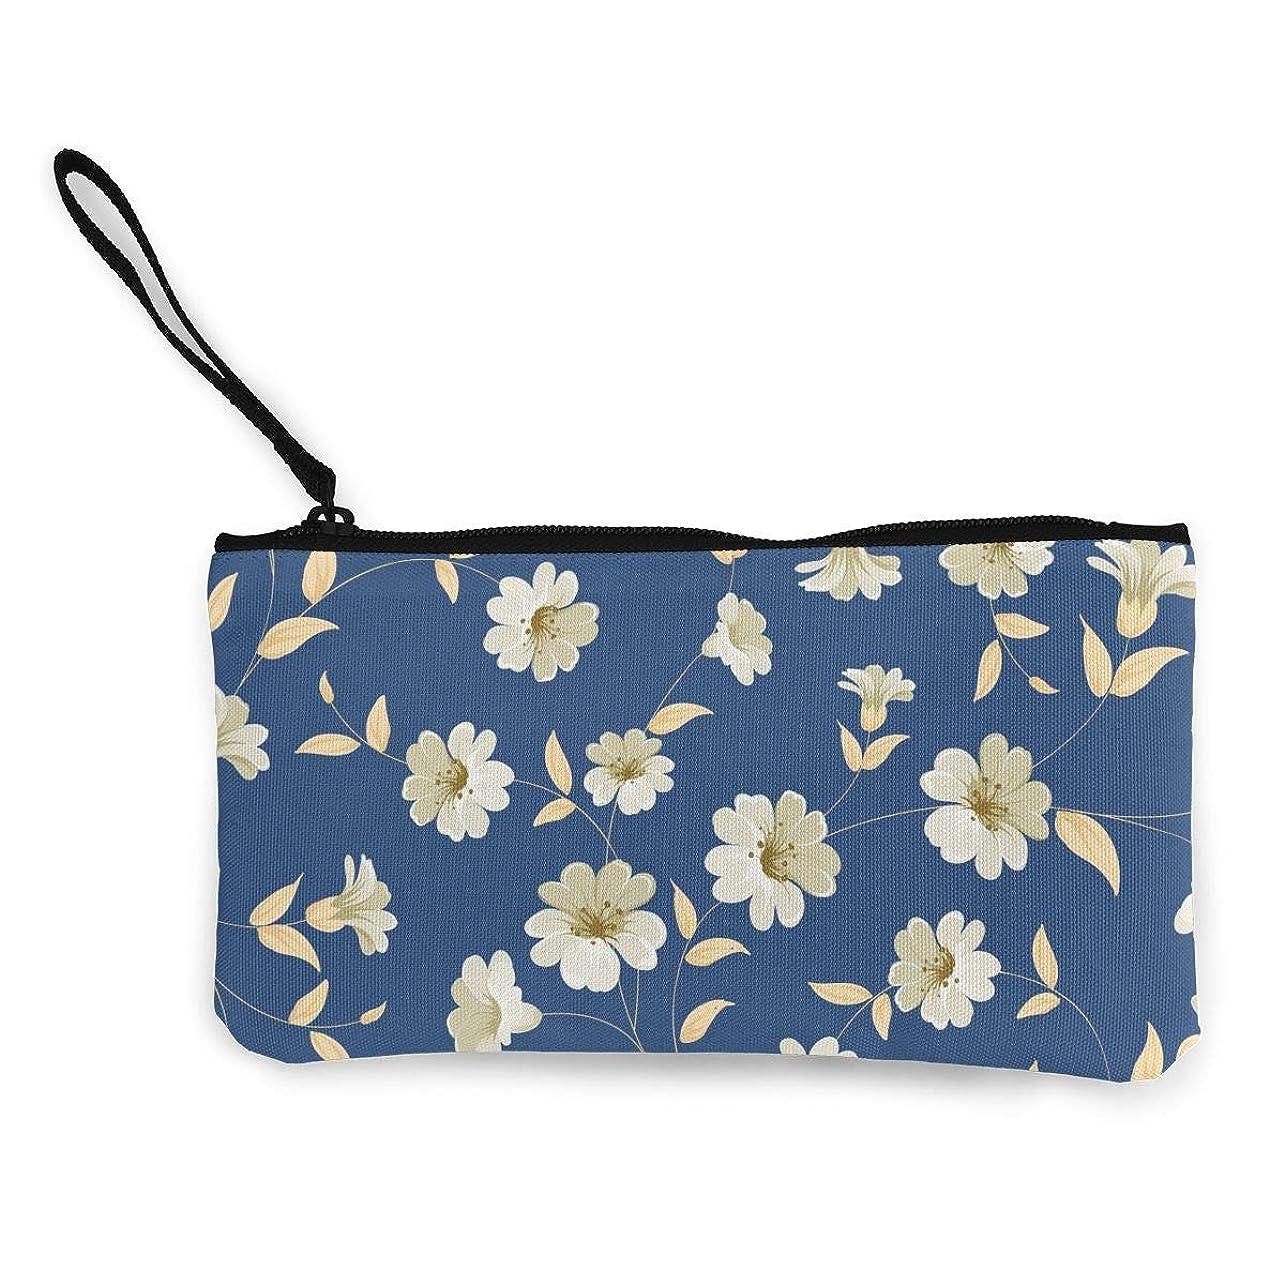 タービン扱いやすいスリルErmiCo レディース 小銭入れ キャンバス財布 伝統的な花 小遣い財布 財布 鍵 小物 充電器 収納 長財布 ファスナー付き 22×12cm